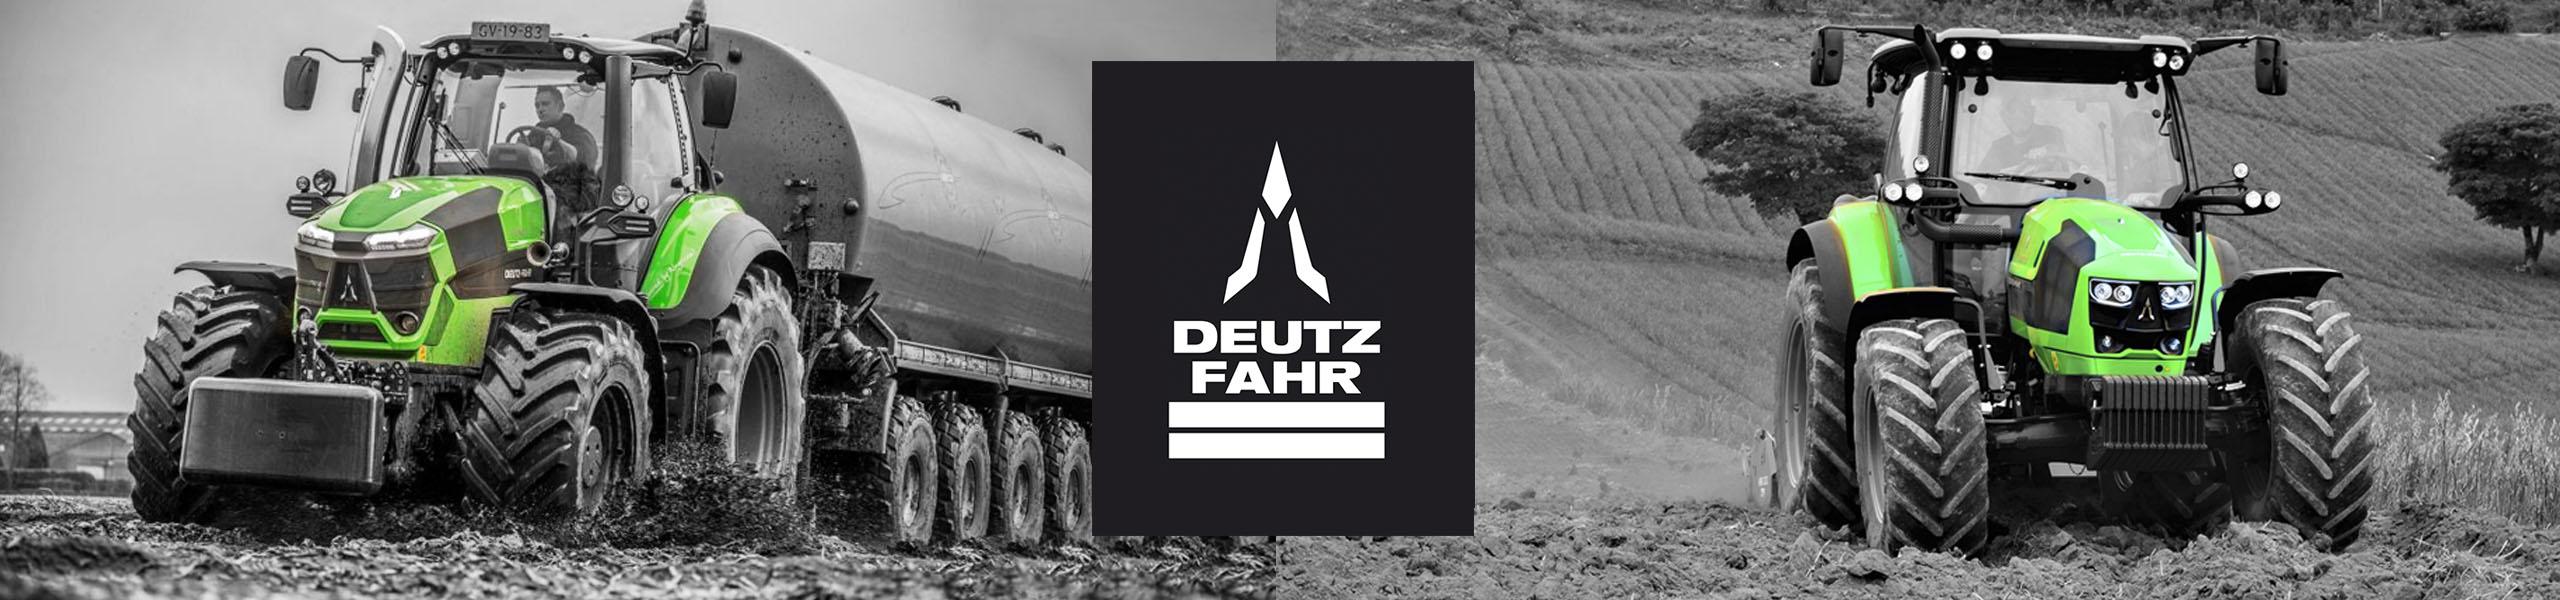 tractores DEUTZ-FAHR